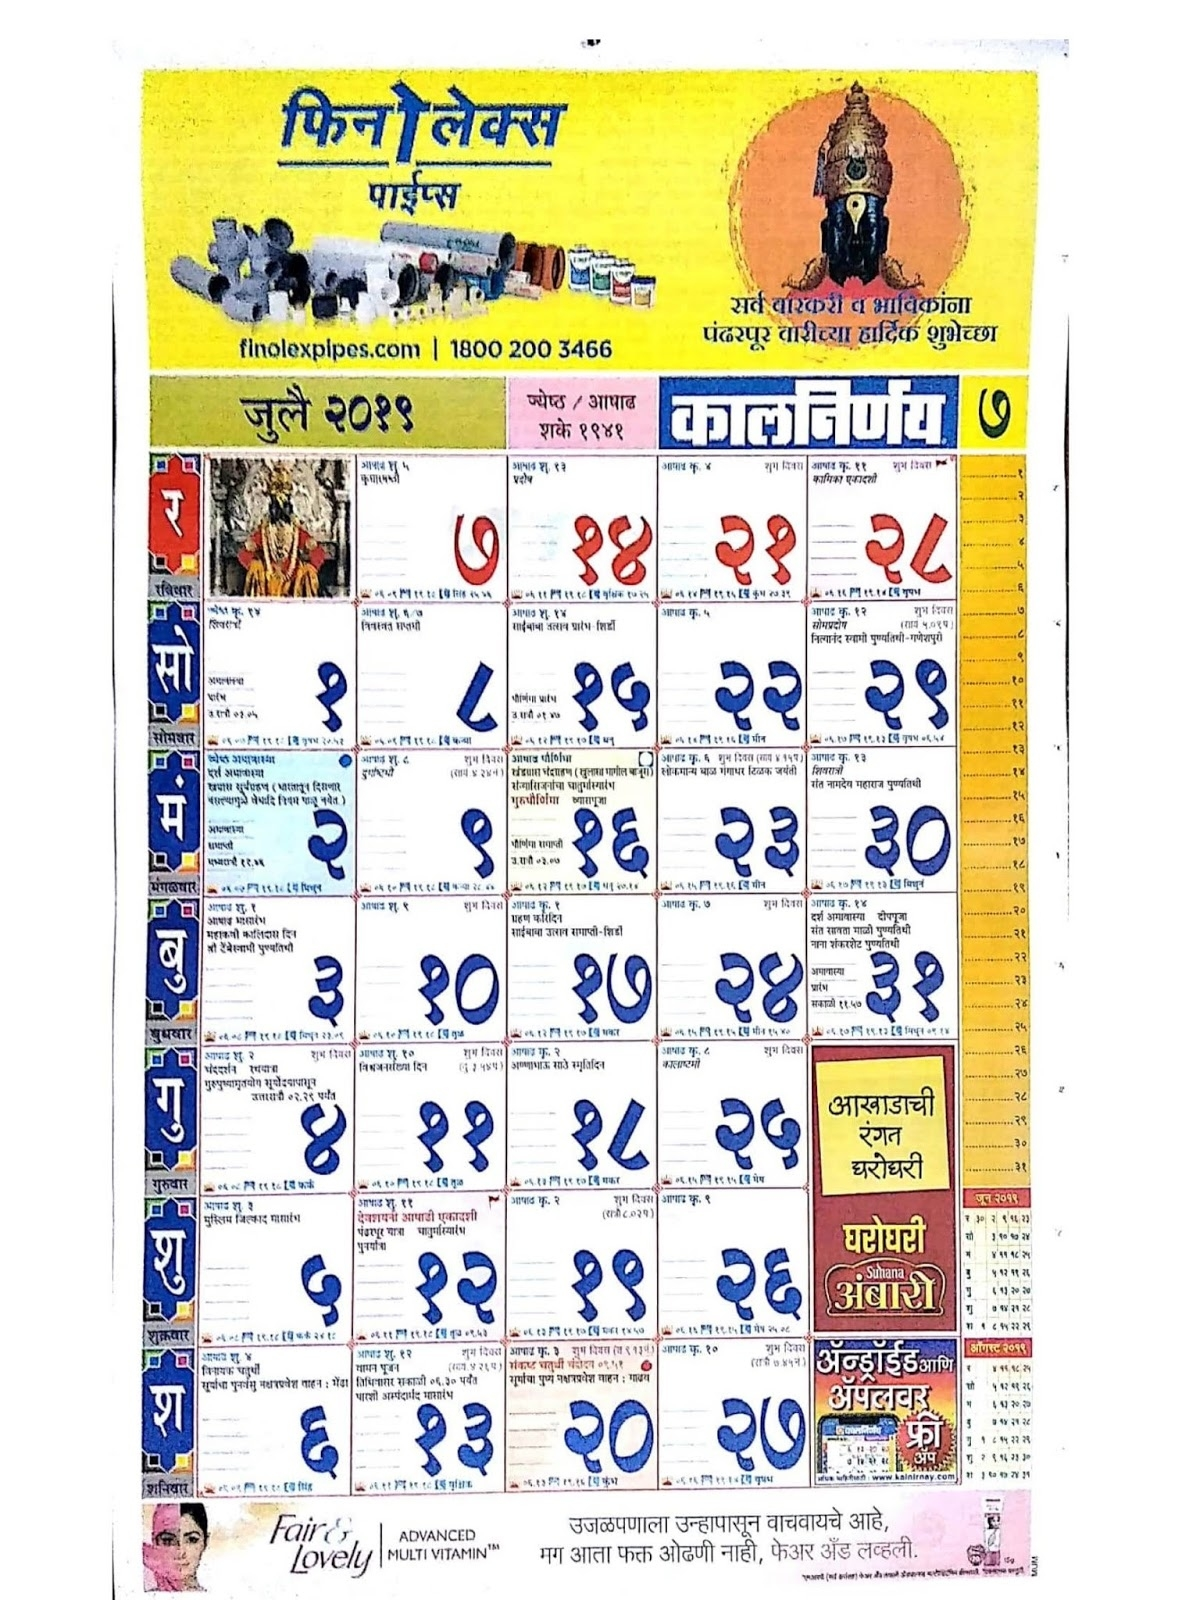 मराठी कालनिर्णय कॅलेंडर २०१९ - Marathi Kalnirnay Calendar 2019 - Marathi Calendar Pdf Free Kalnirnay September 2021 Marathi Calendar Pdf